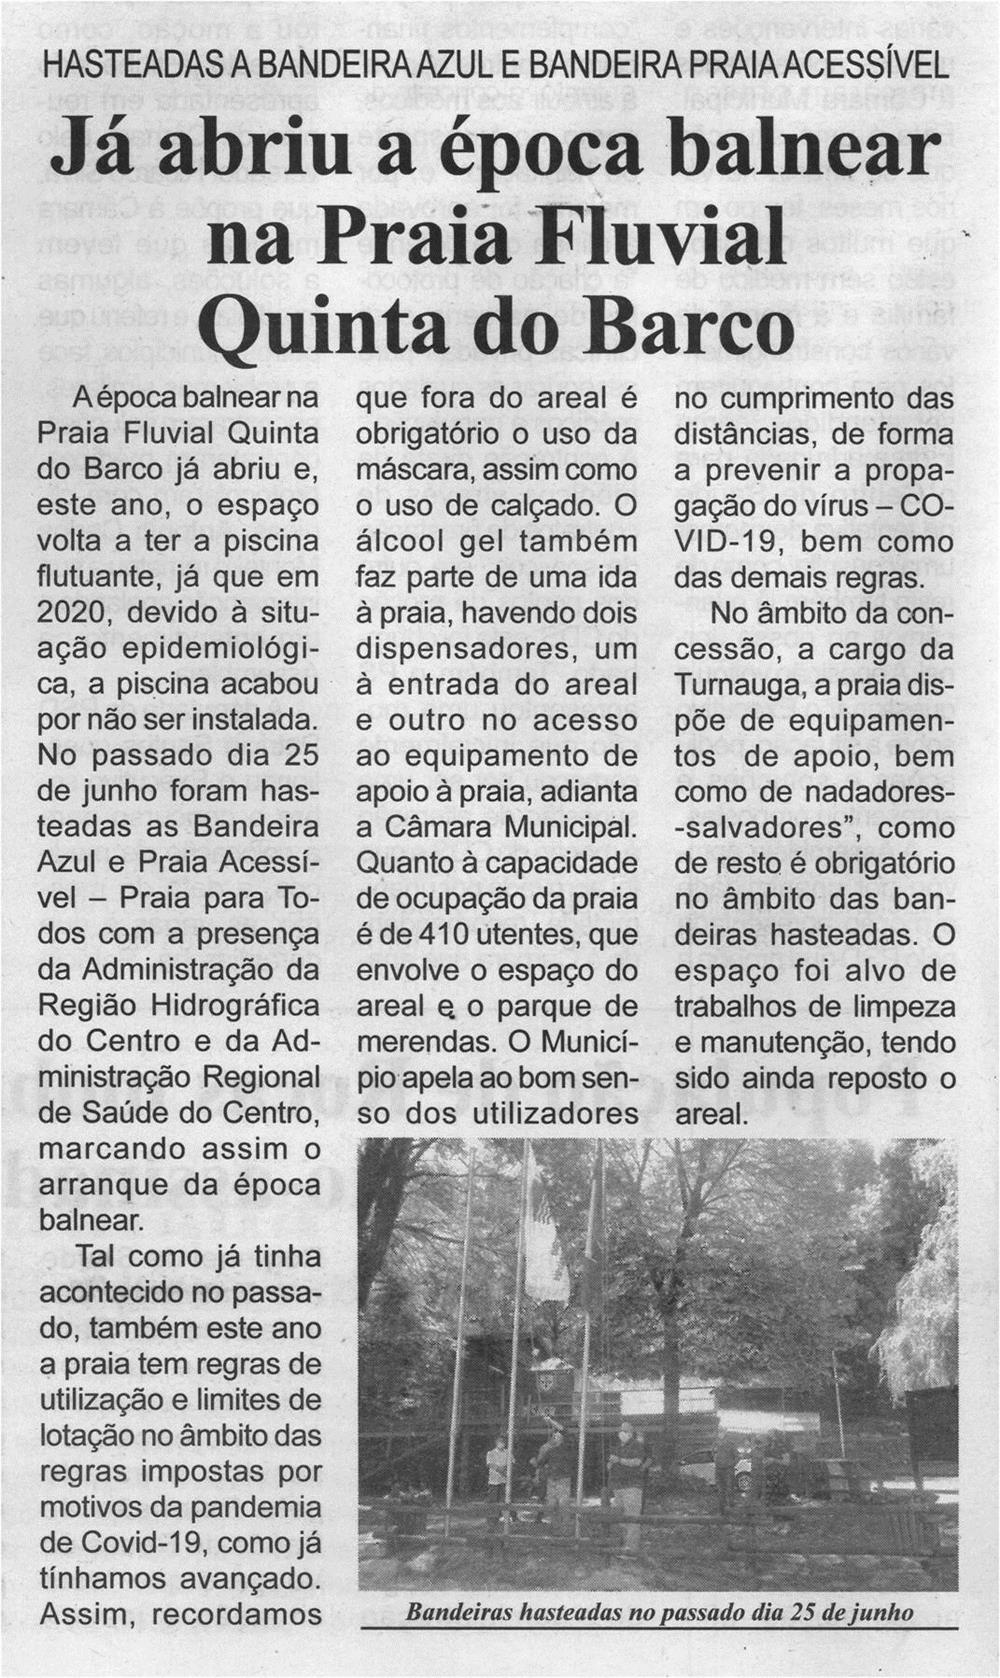 BV-1.ªjul.'21-p.8-Já abriu a época balnear na Praia Fluvial Quinta do Barco : hasteadas a Bandeira Azul e Bandeira Praia Acessível.jpg